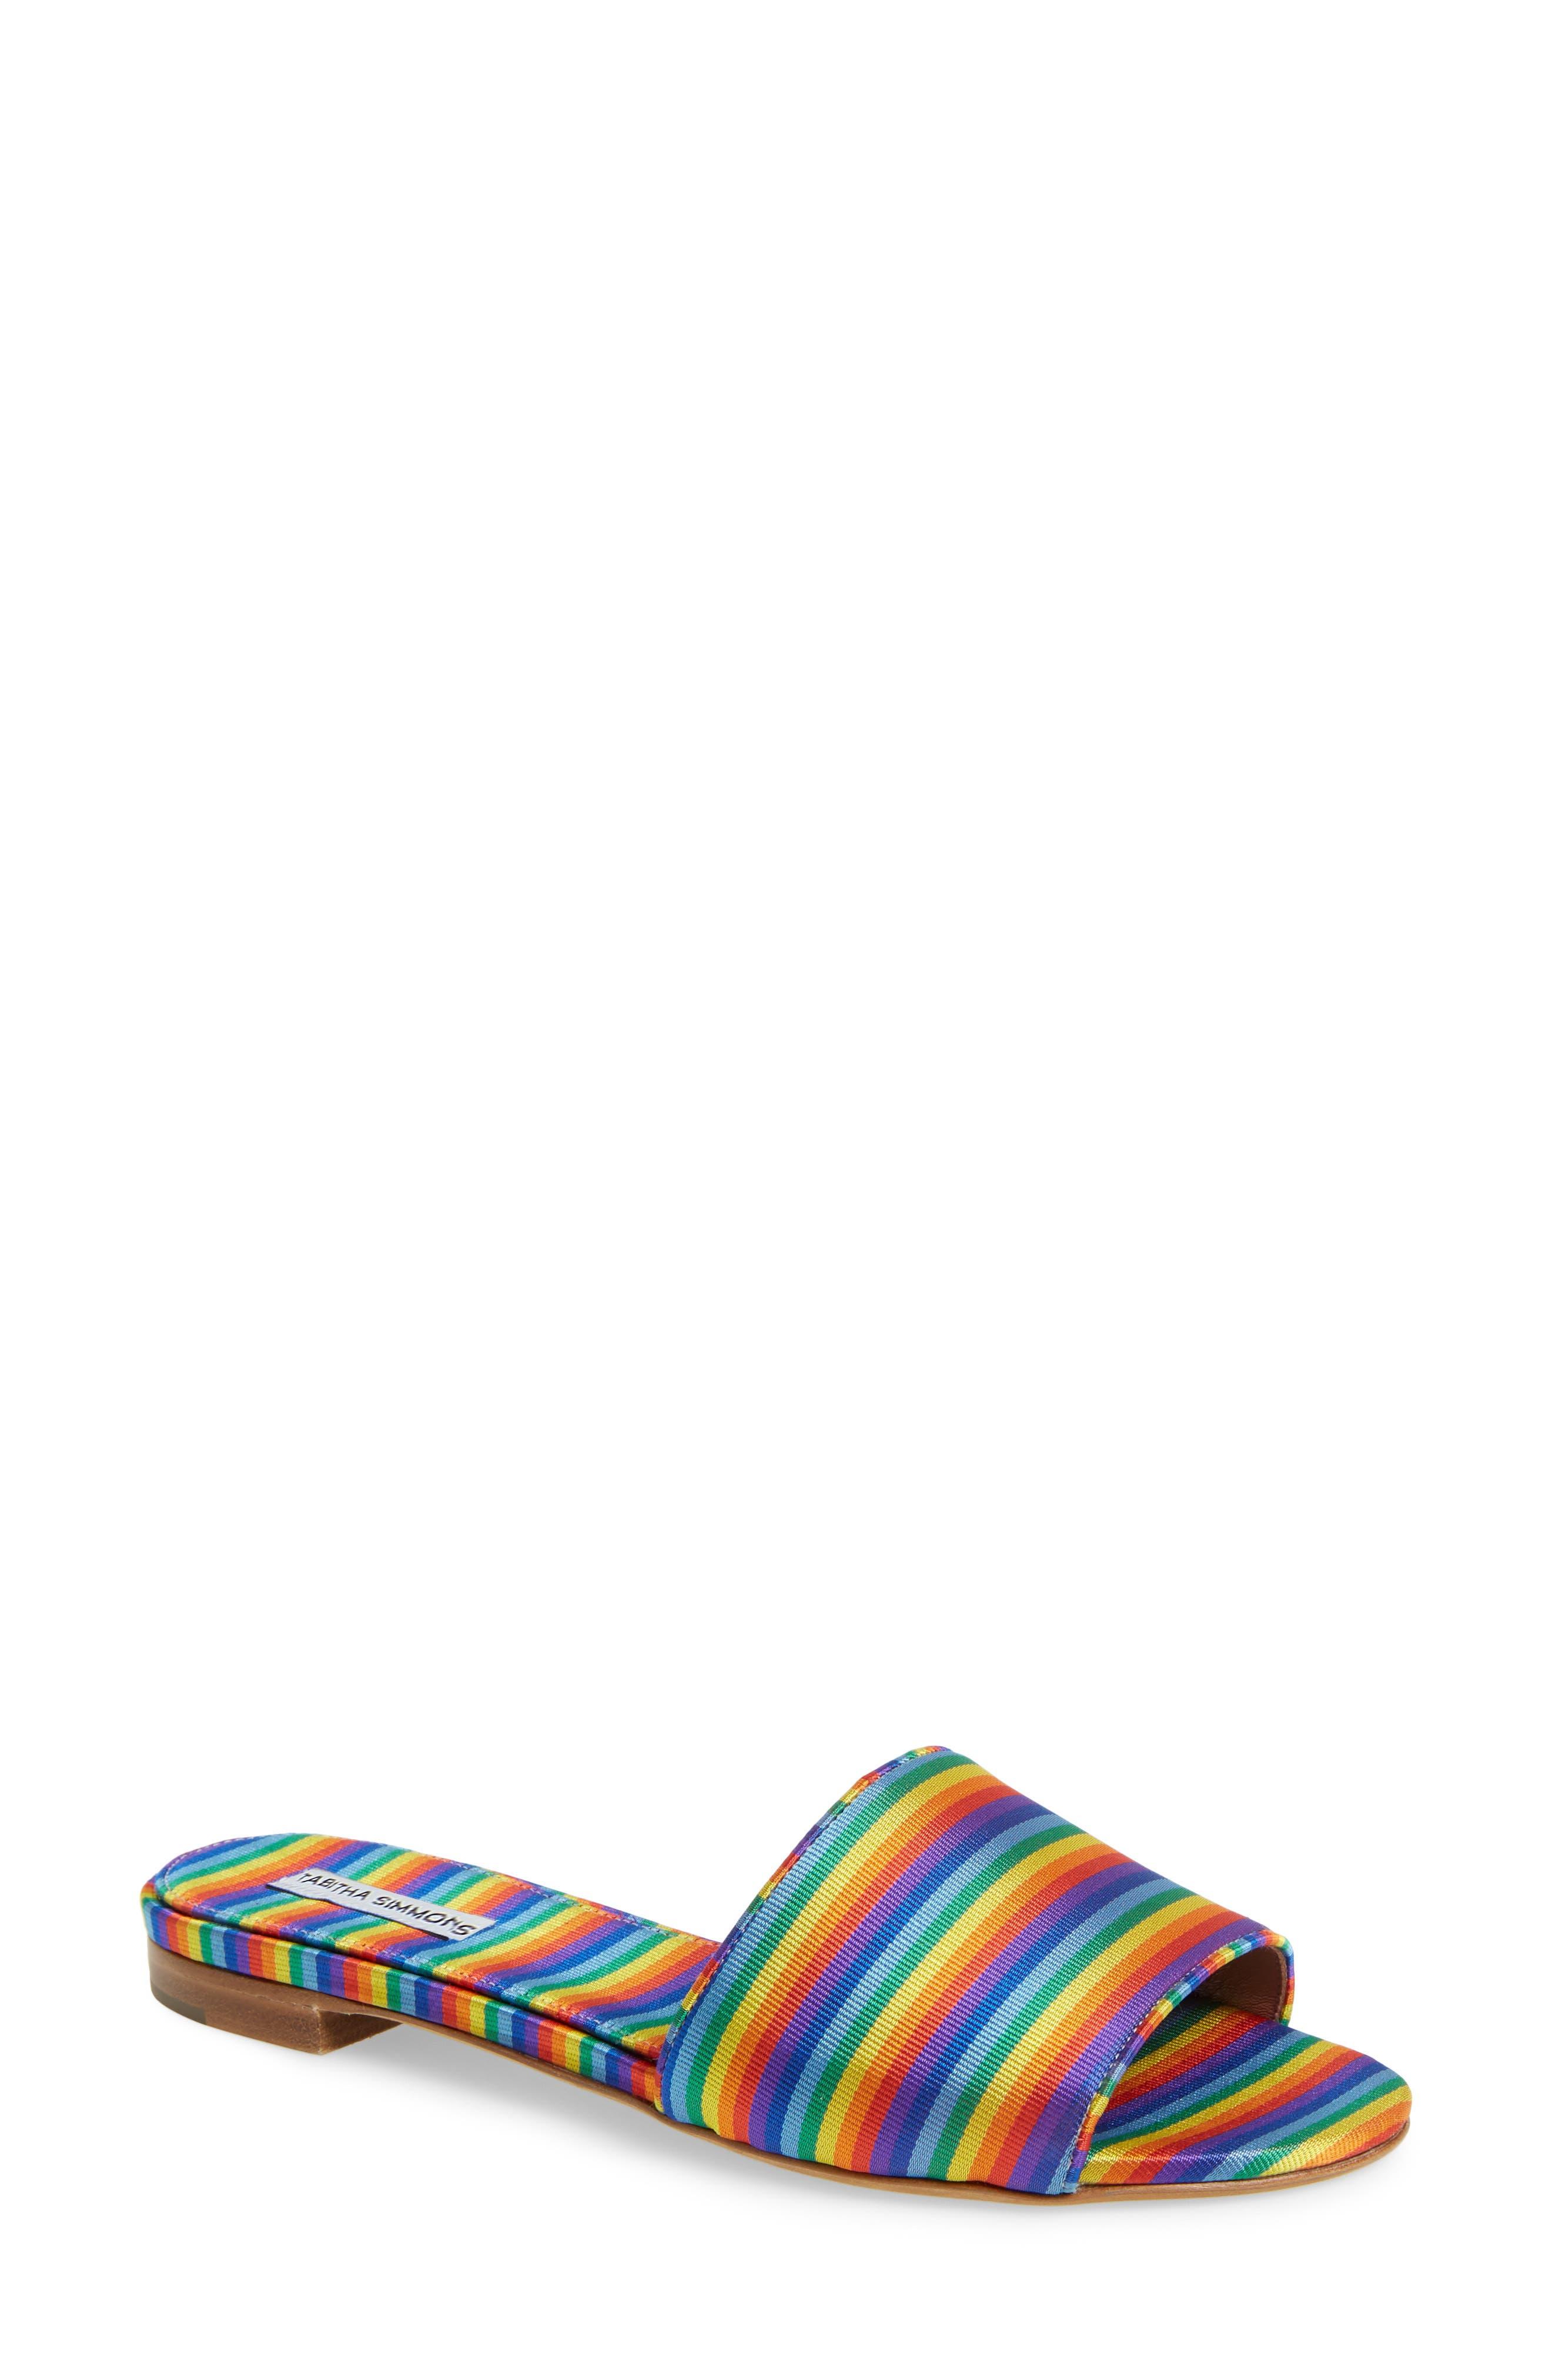 Sprinkles Slide Sandal,                             Main thumbnail 1, color,                             600